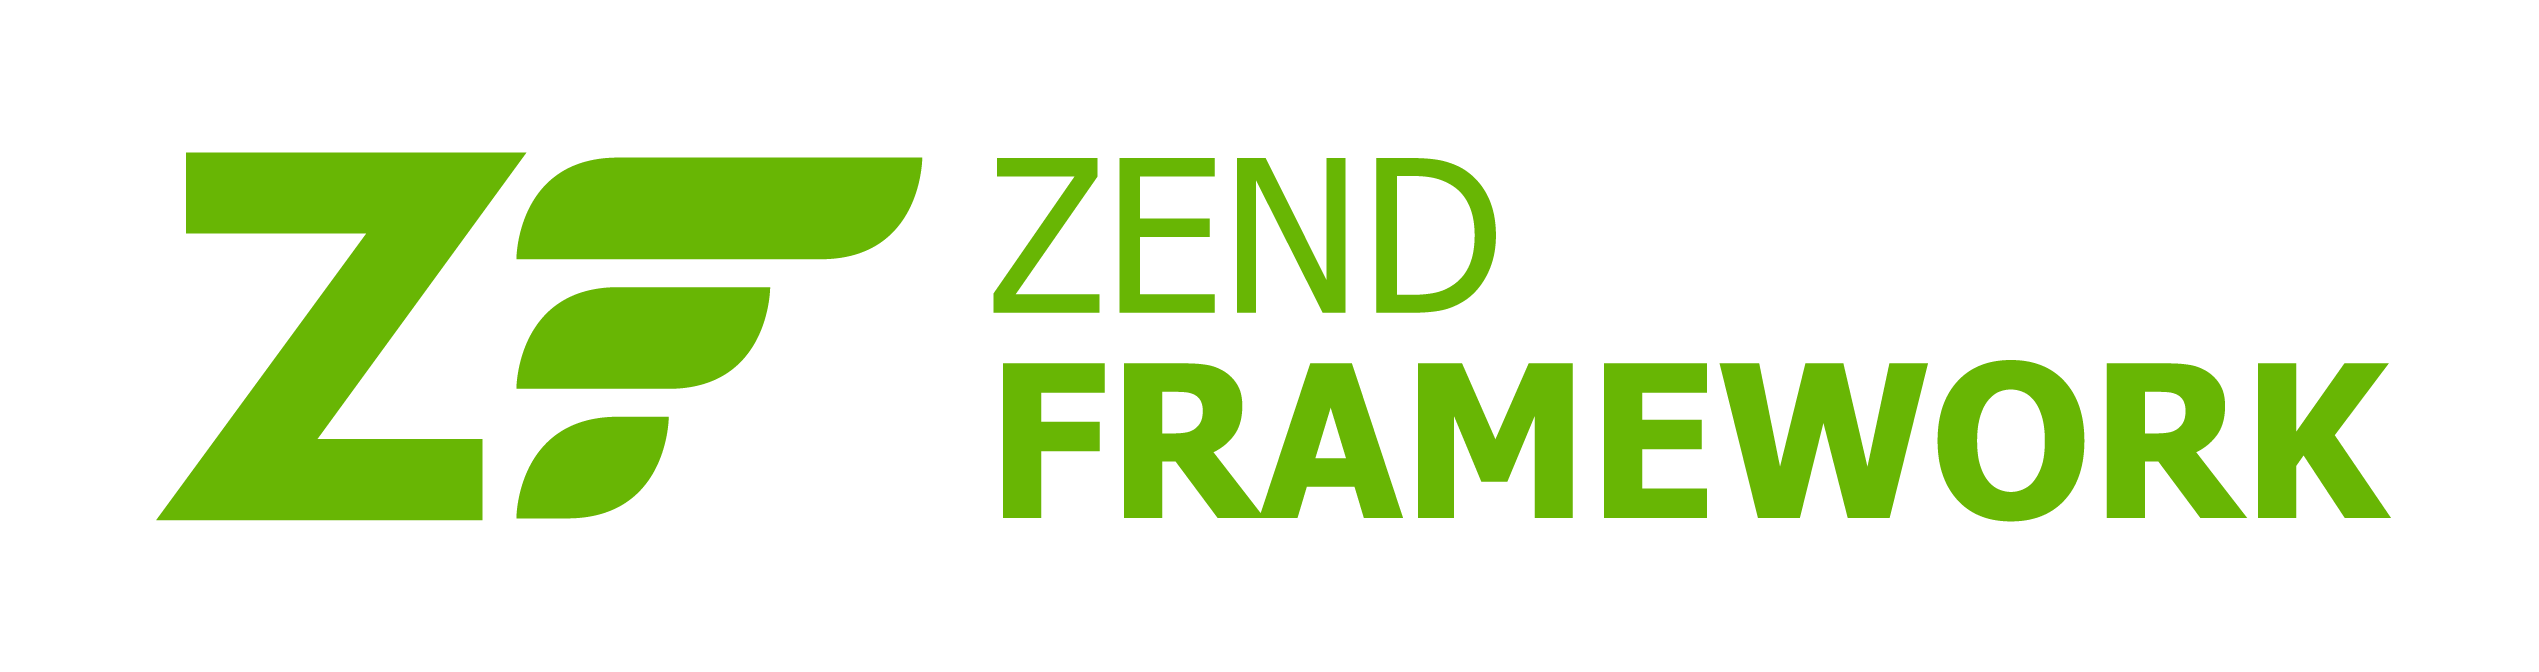 frameworks para php Zend Framework